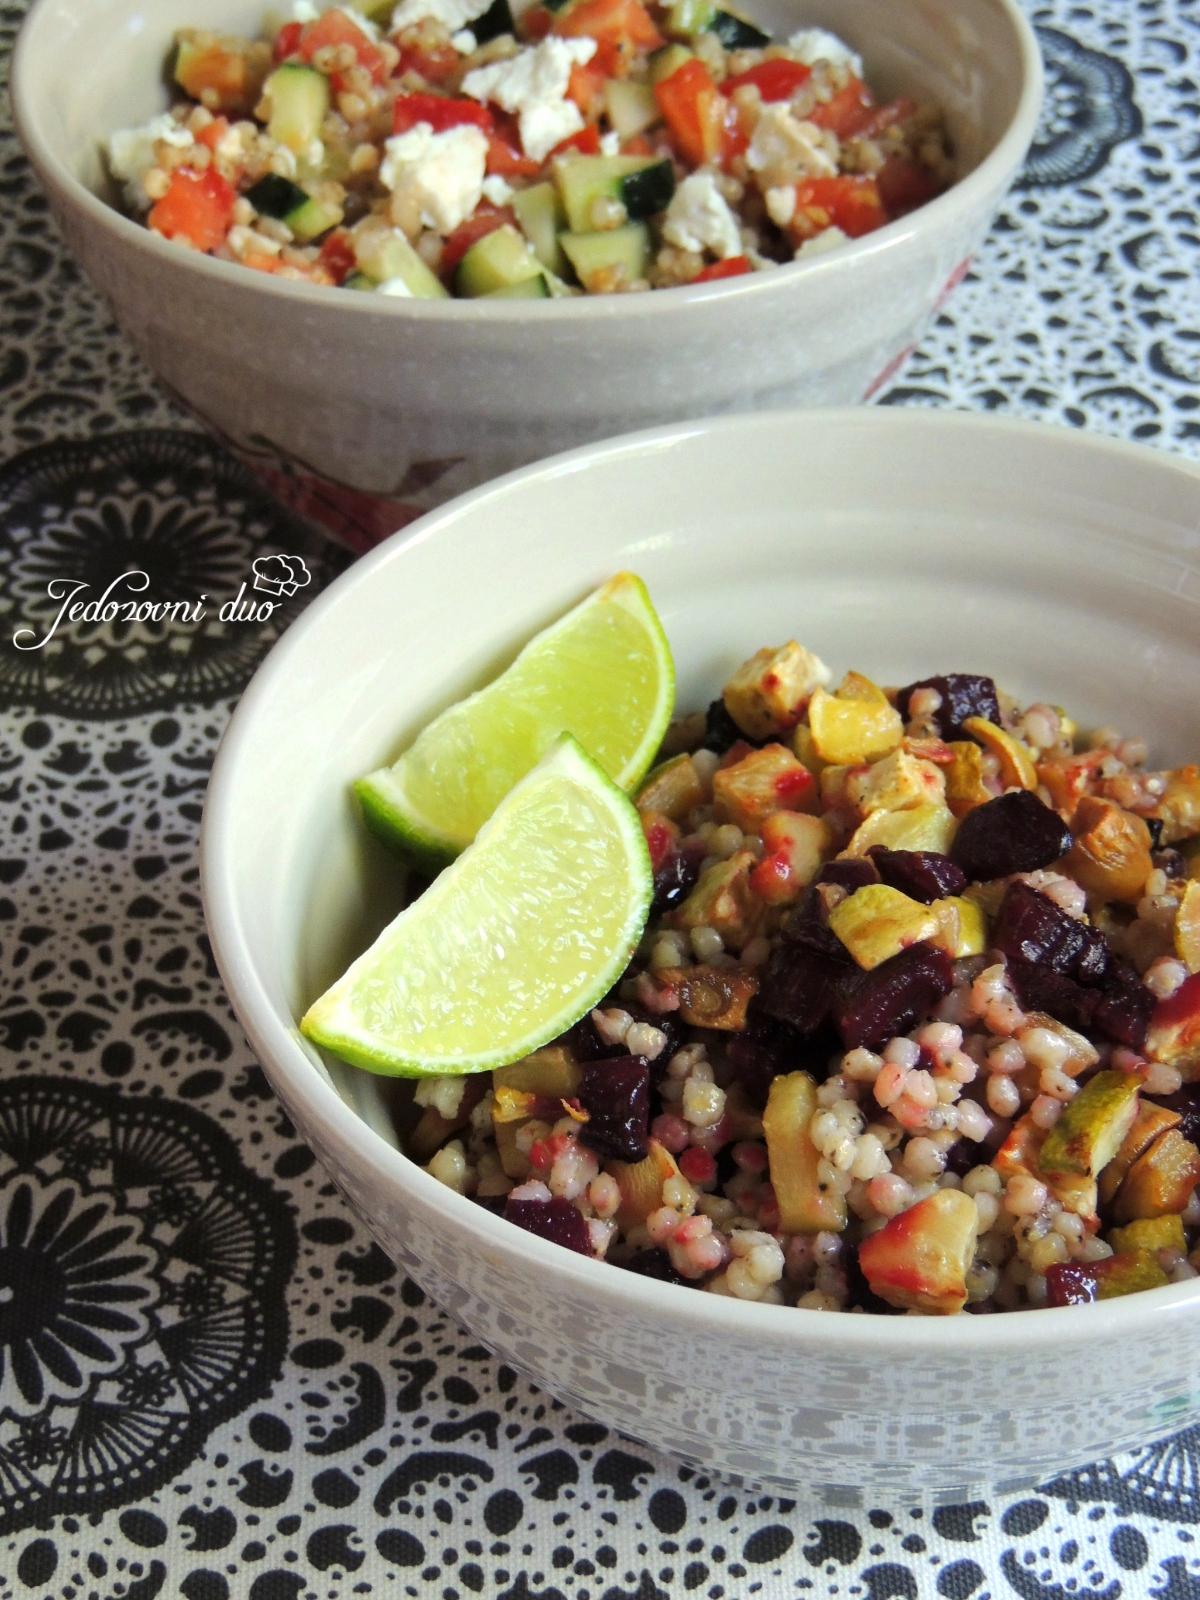 Sorghum salate (11)b